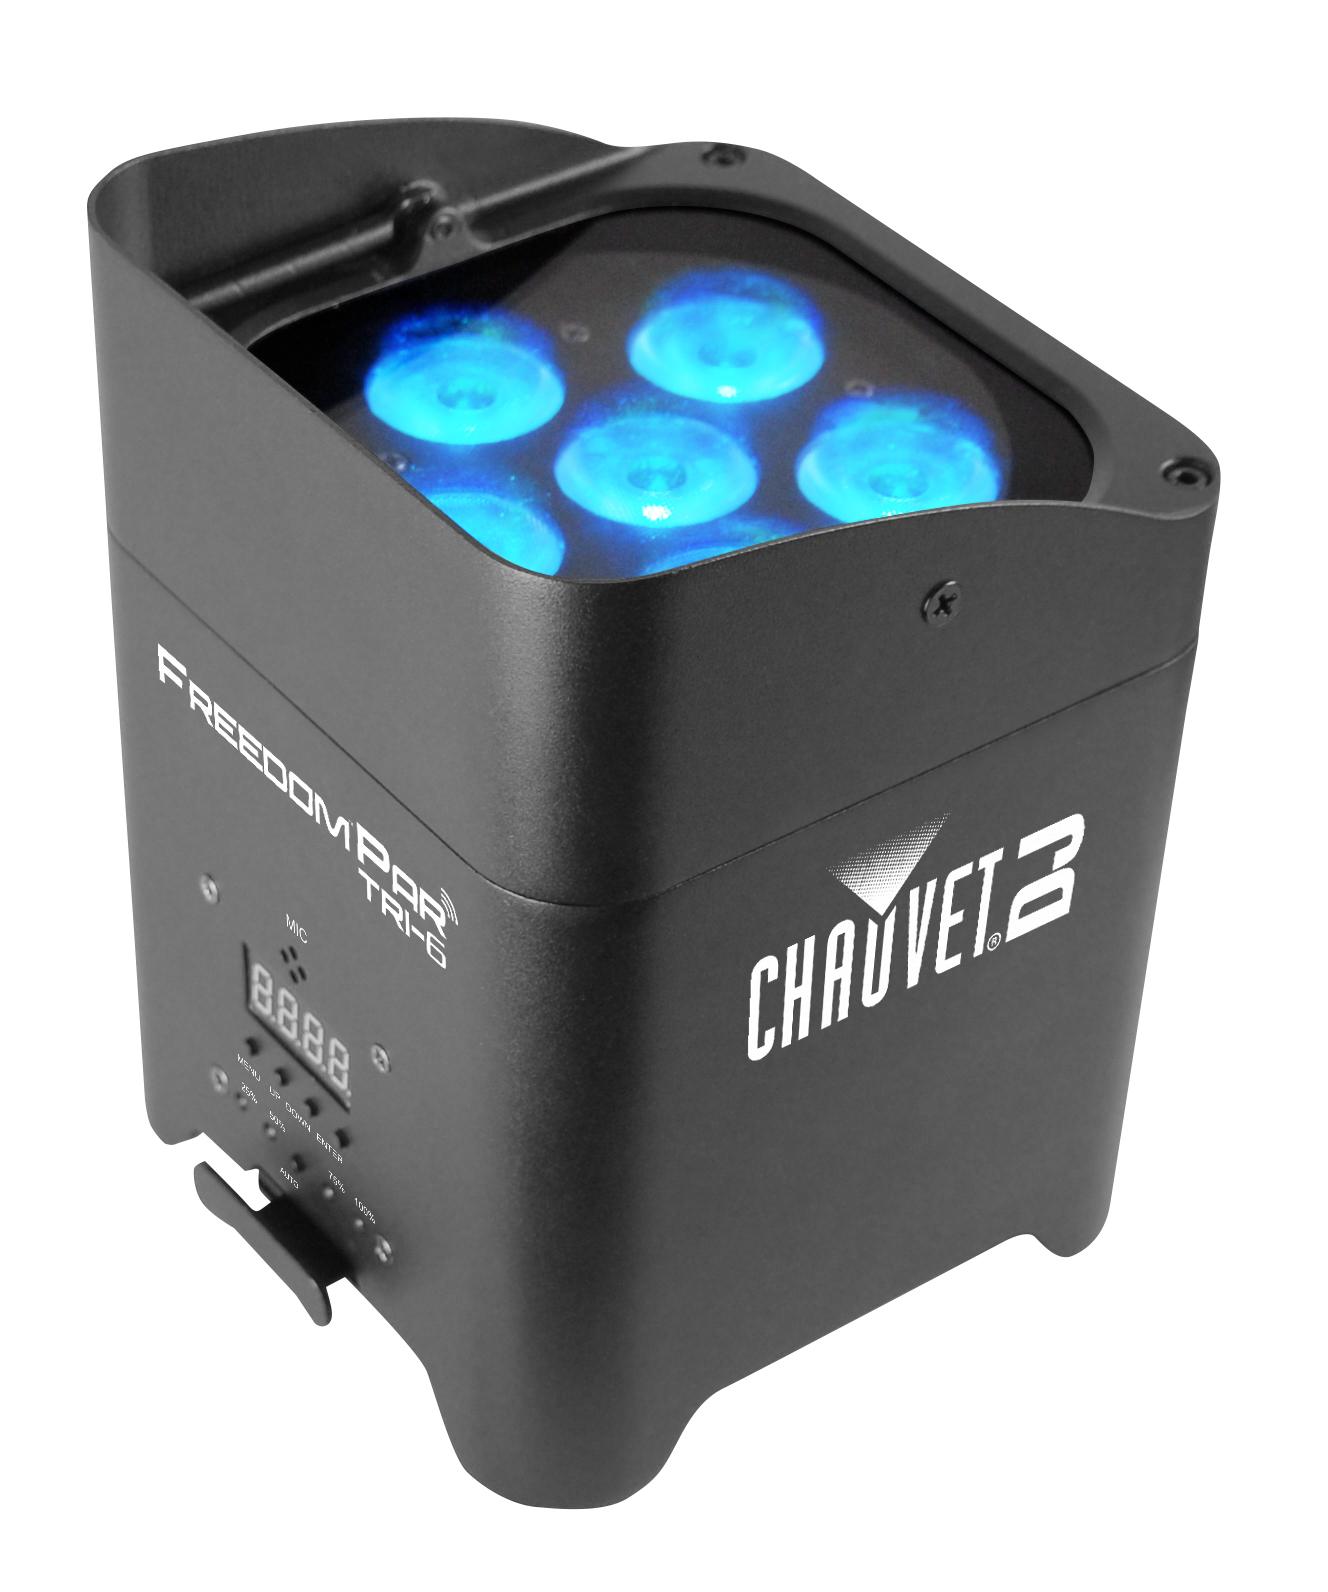 Chauvet Freedom Par TRI 6 Wireless TRI LED Par Light